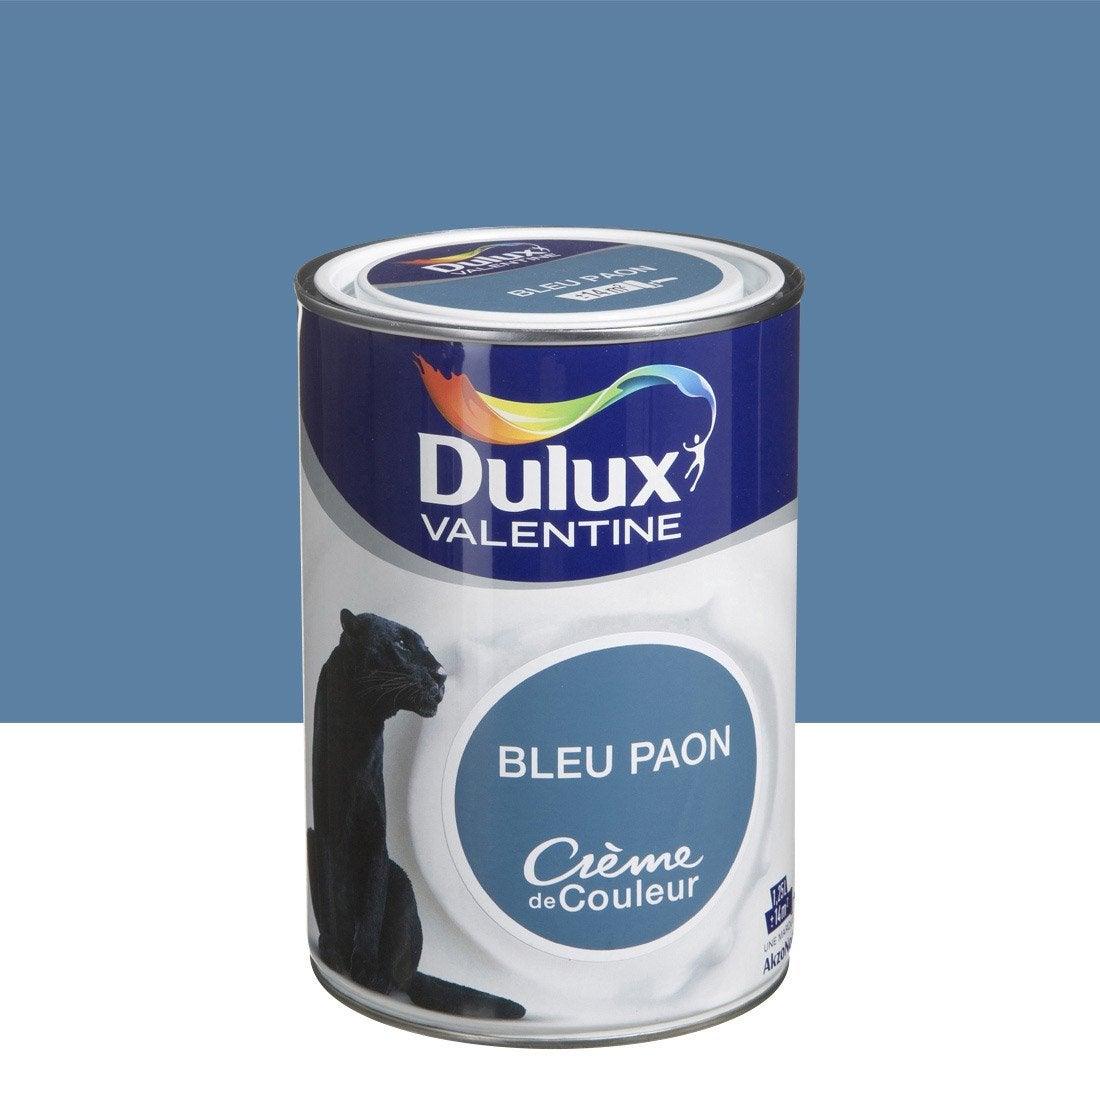 Peinture bleu paon dulux valentine cr me de couleur l - Peinture dulux valentine avis ...